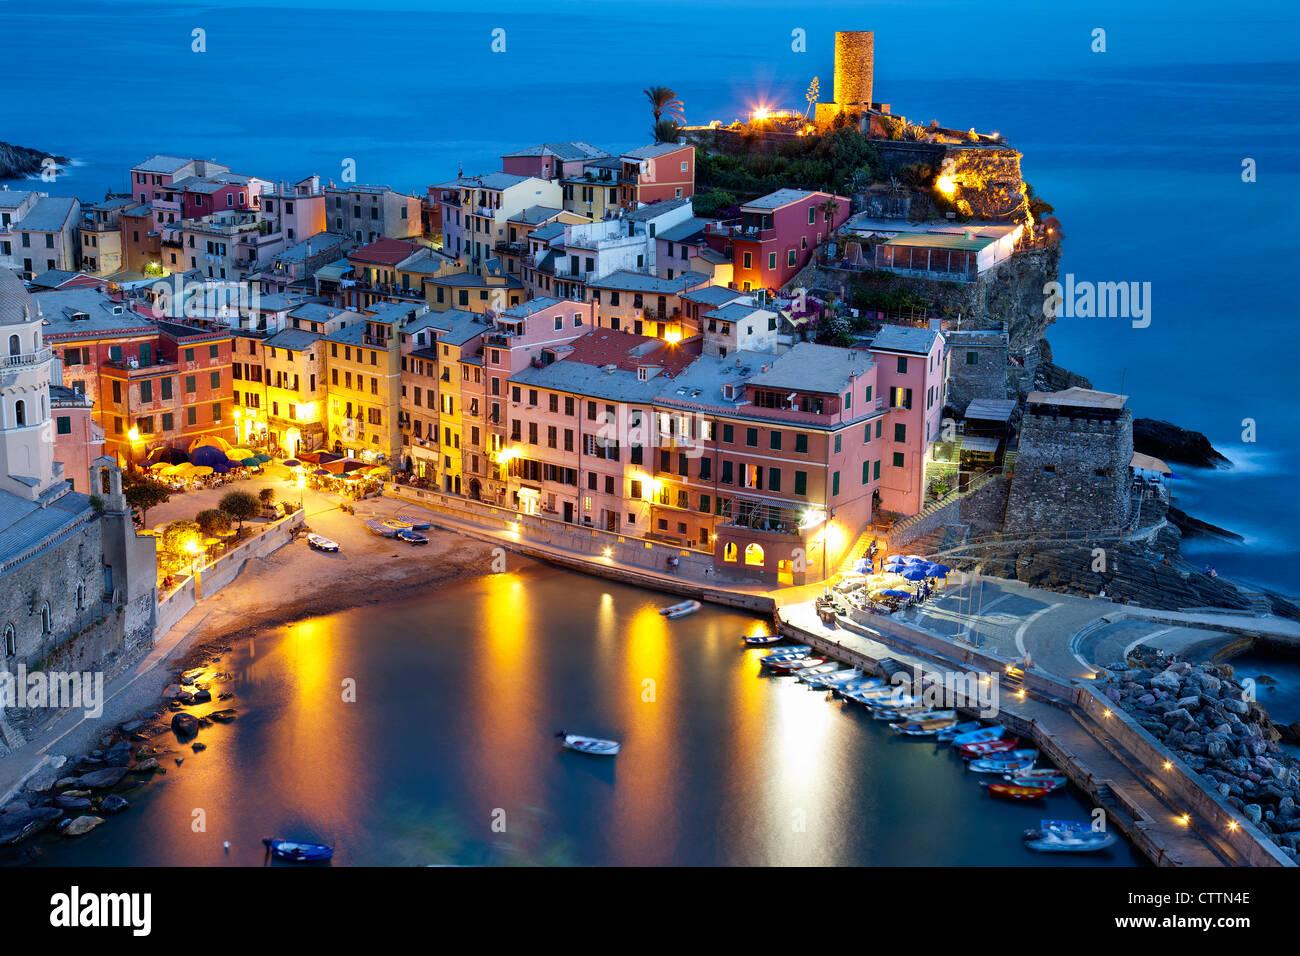 Vista de Vernazza.Parque Nacional de las Cinque Terre (Liguria, Italia) Imagen De Stock